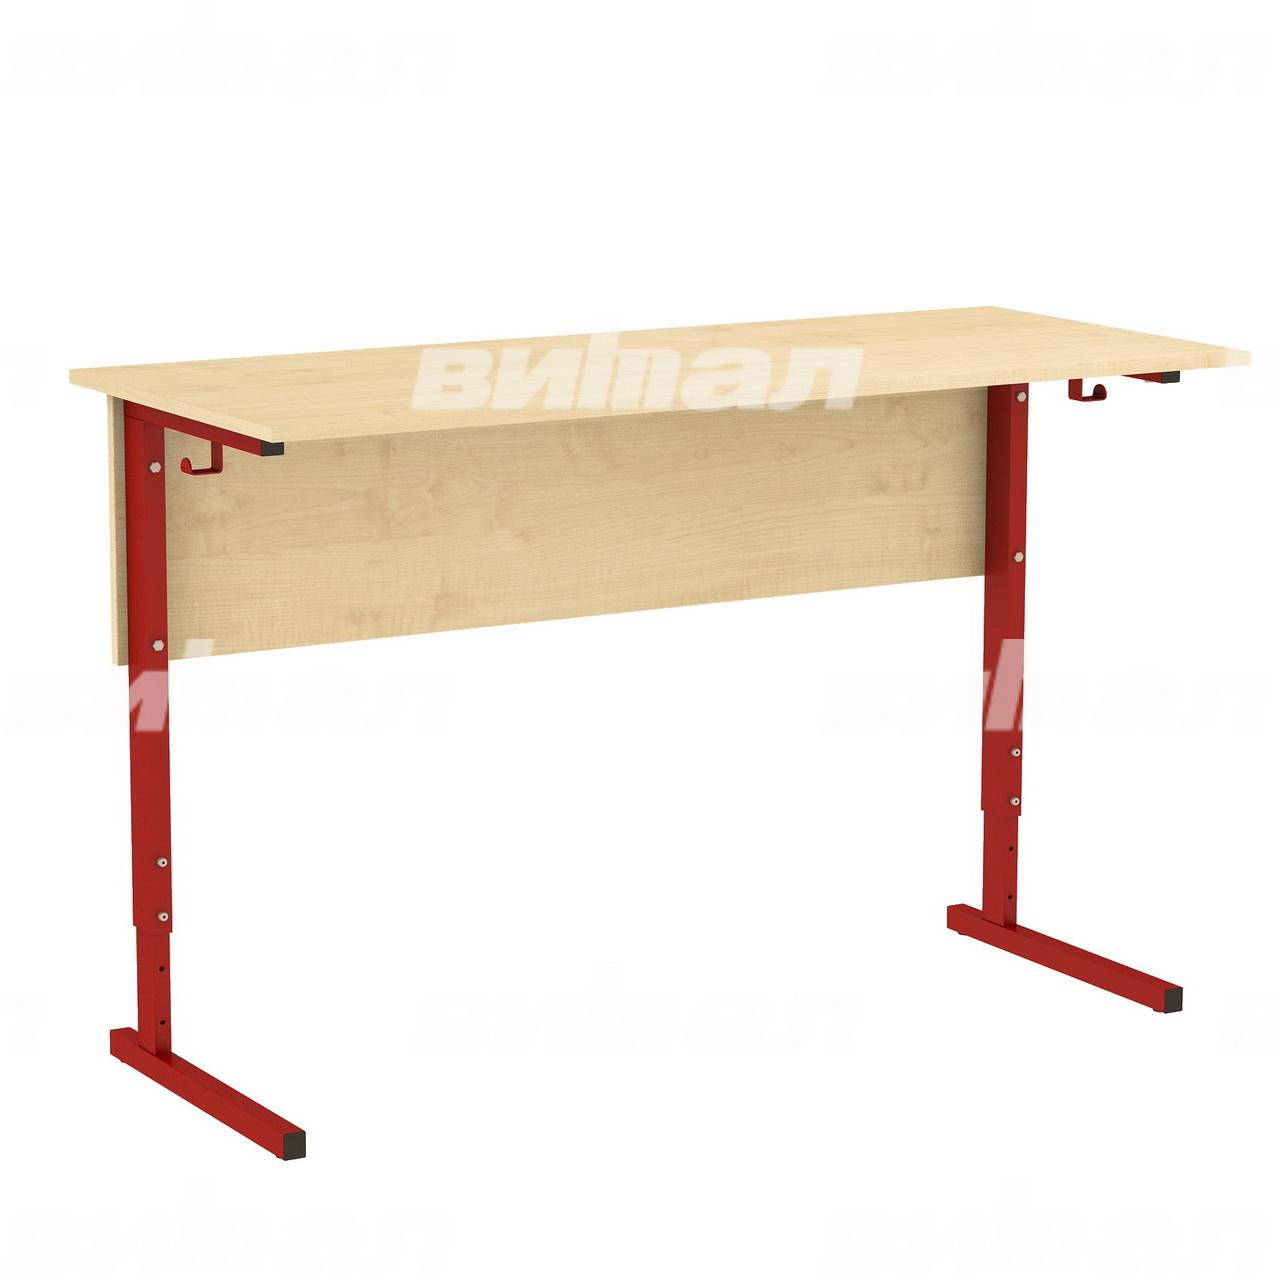 Стол ученический 2-местный регулируемый (гр. 2-4, 3-5 или 4-6) красный Клен 4-6 Меламин